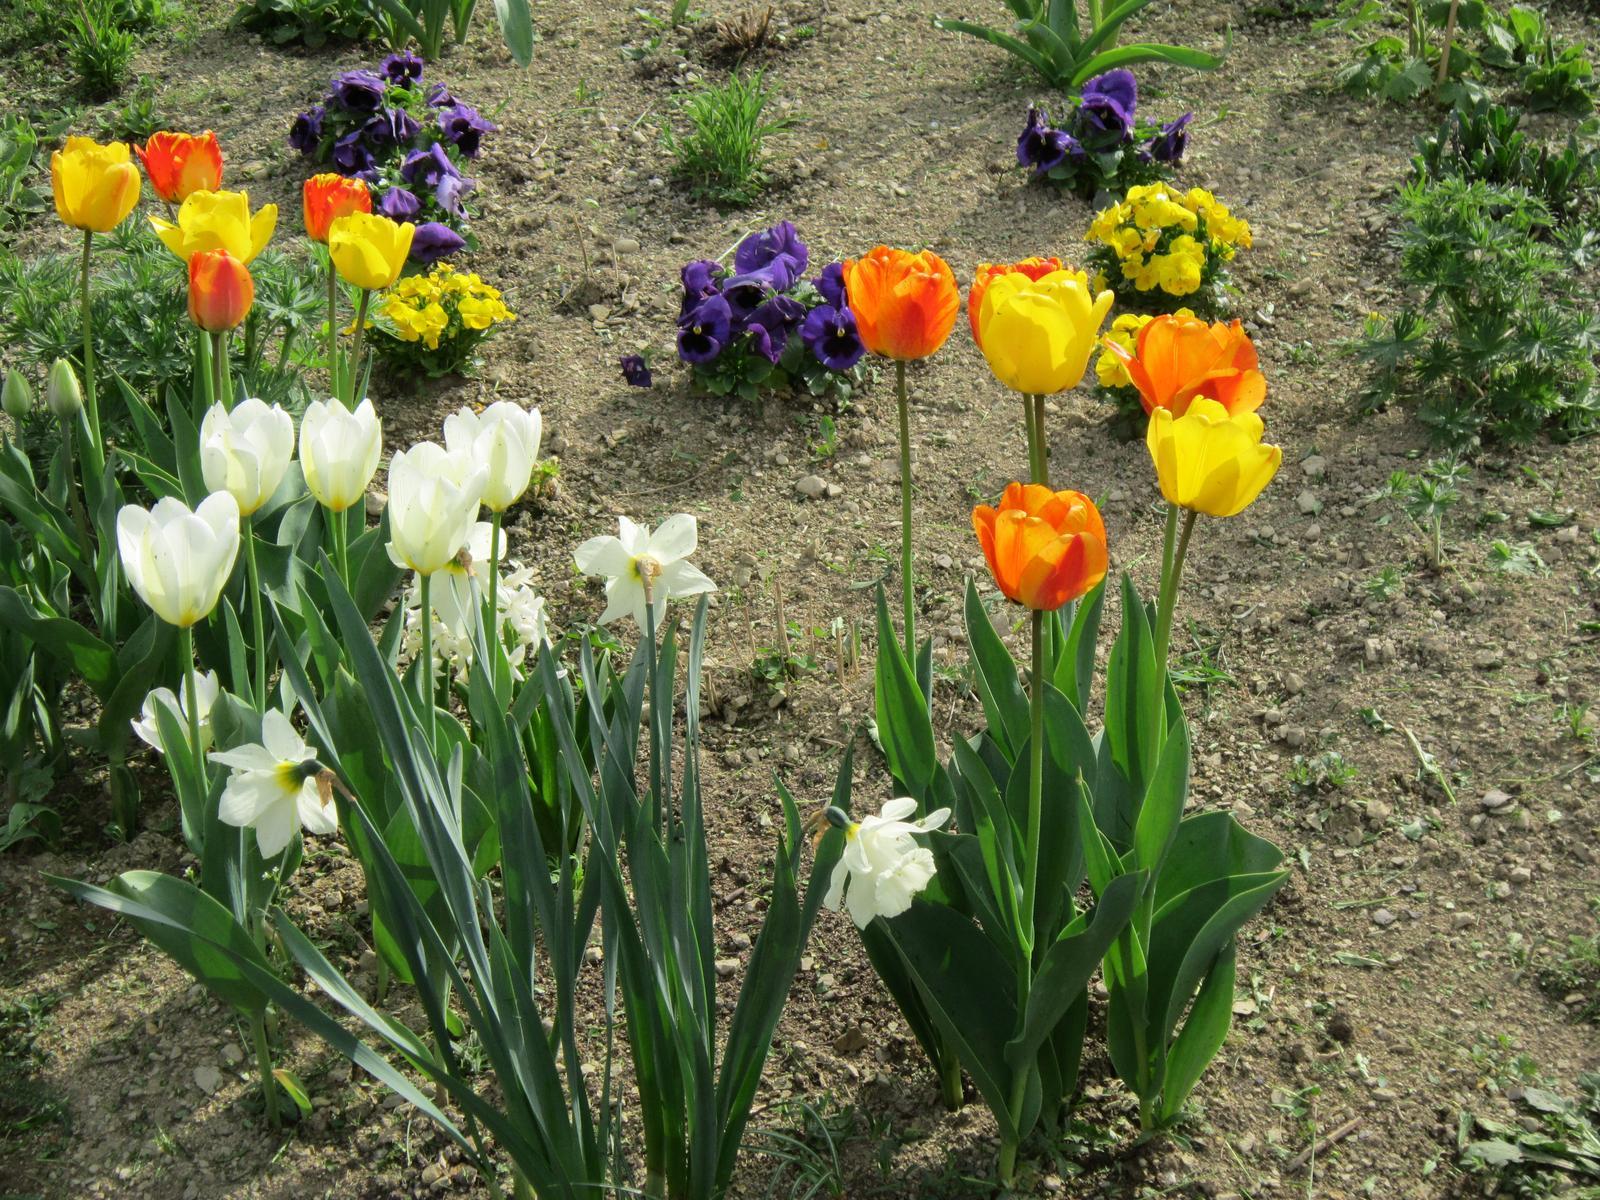 Moja záhrada...ako šiel čas - Obrázok č. 11